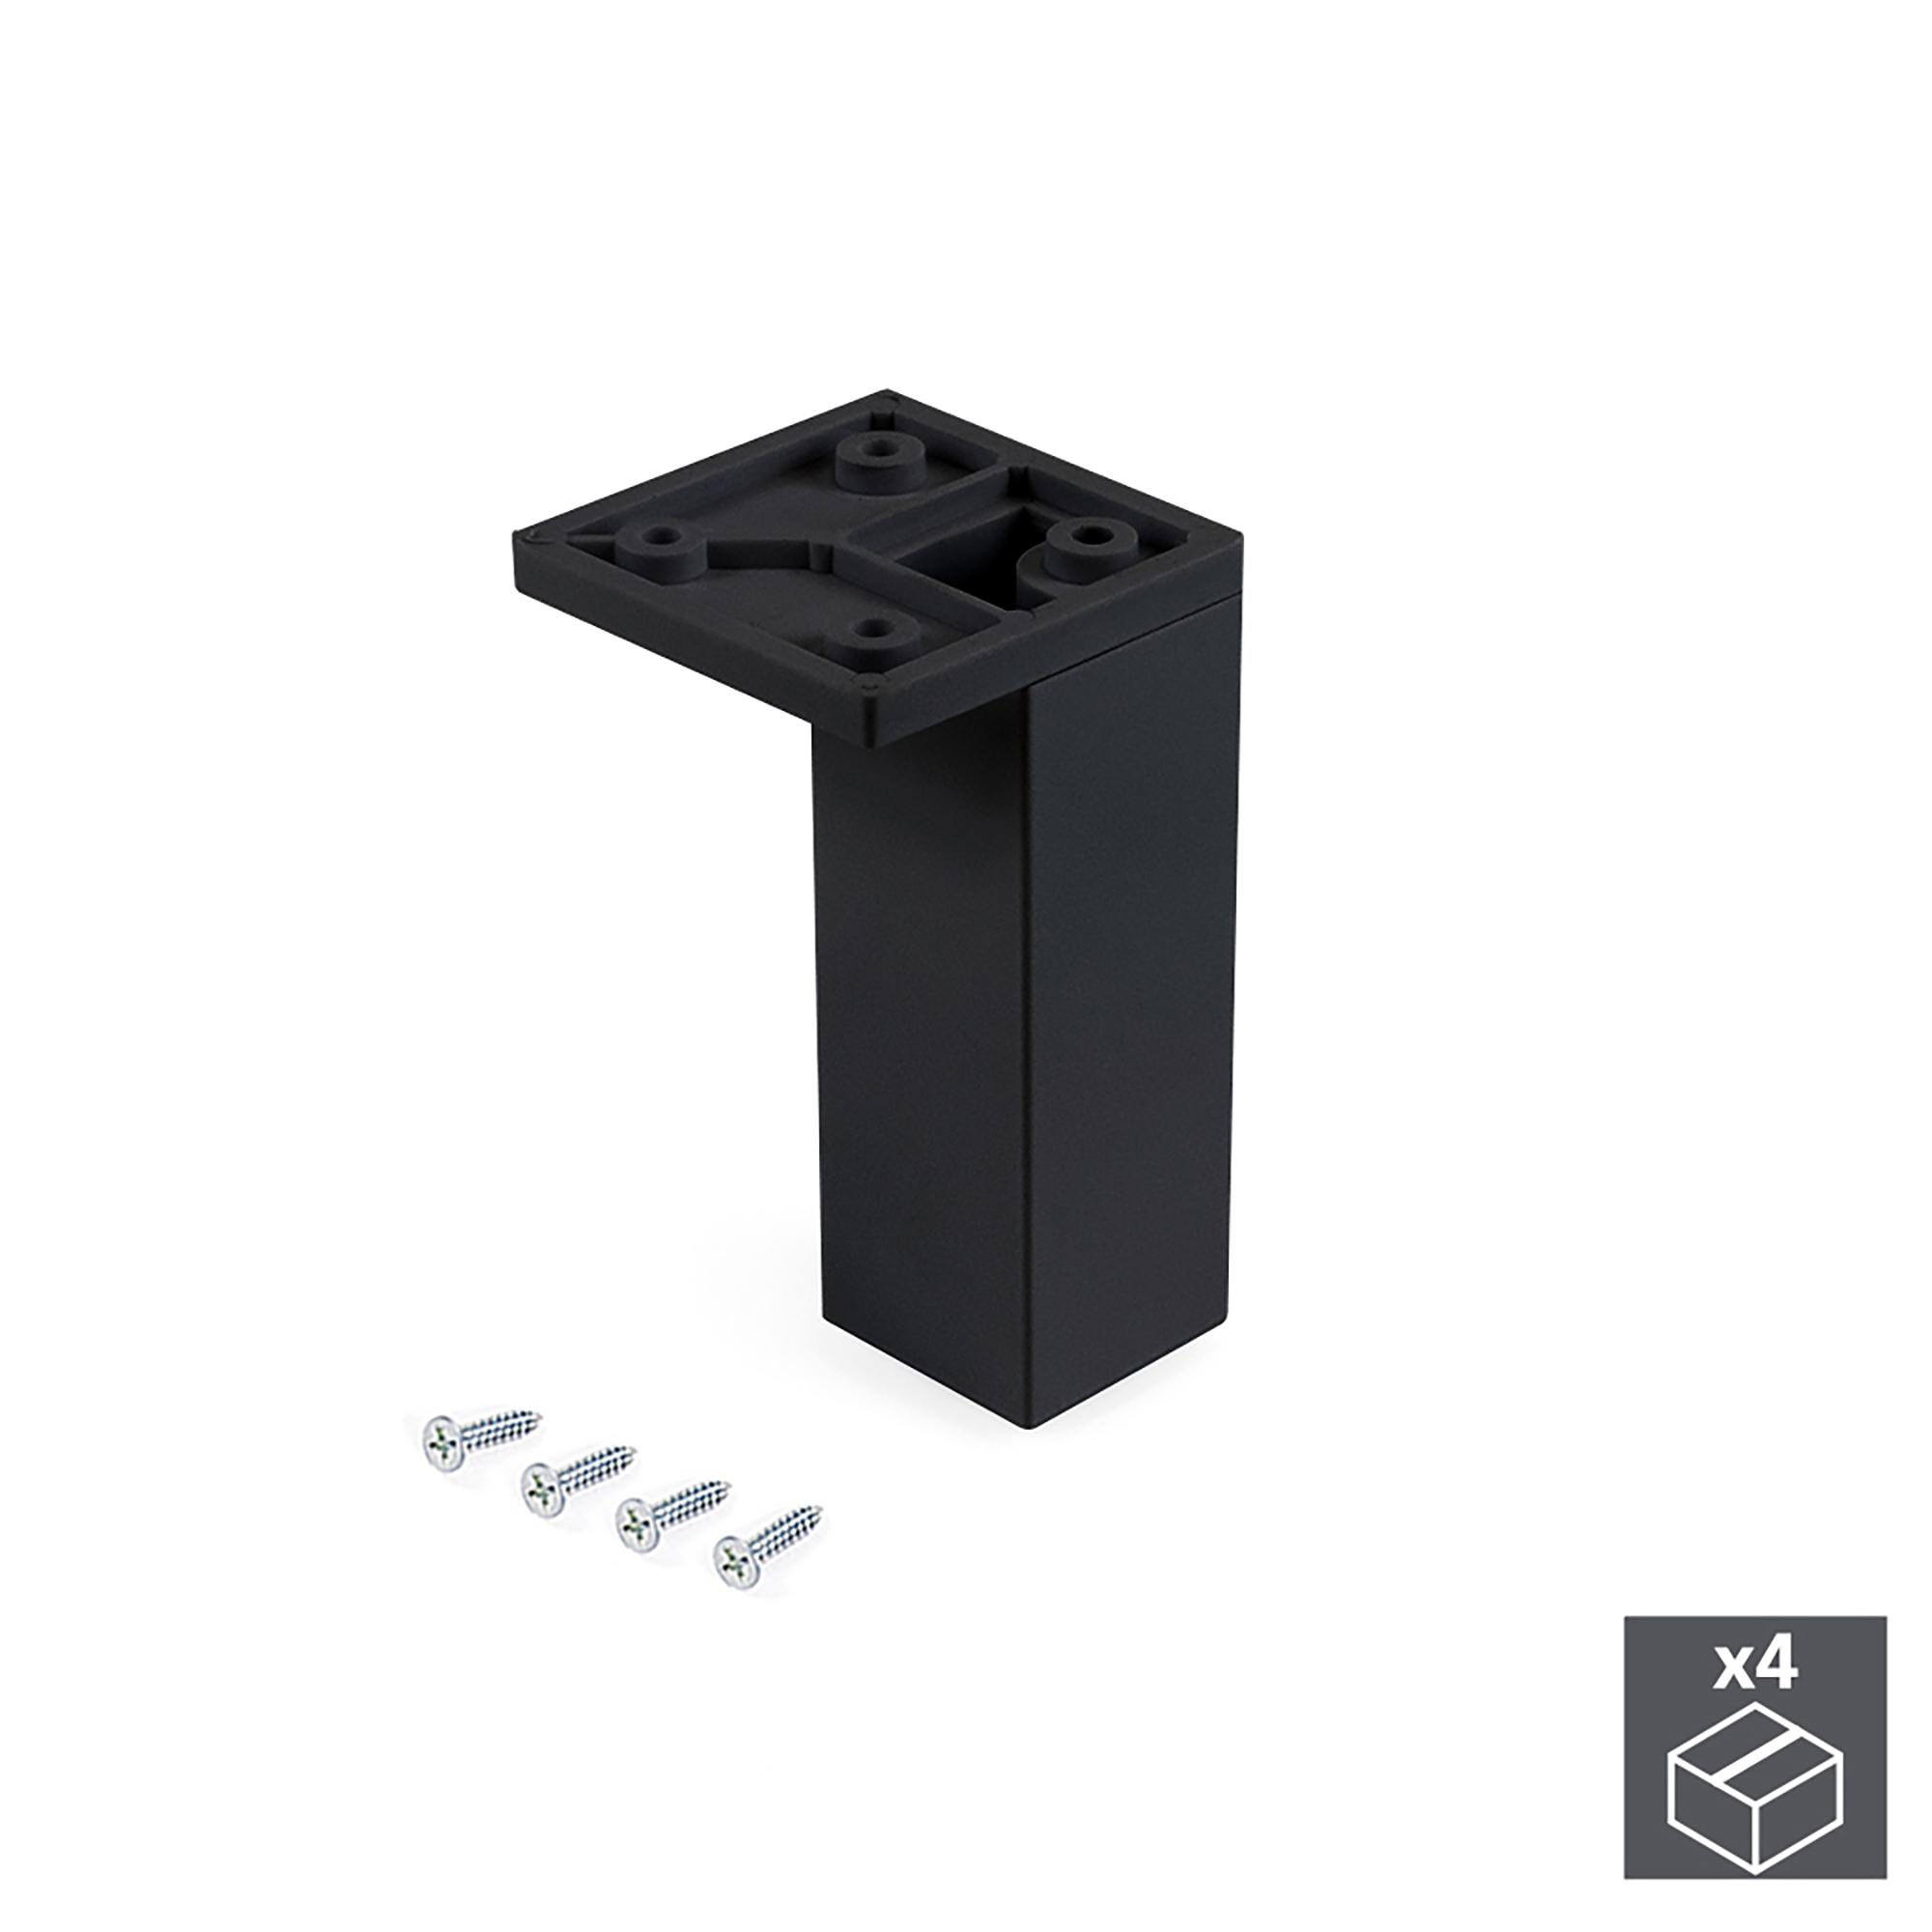 Emuca Piedino per mobile, angolo, regolabile, 100 - 110 mm, Plastica, Nero, 4 un.